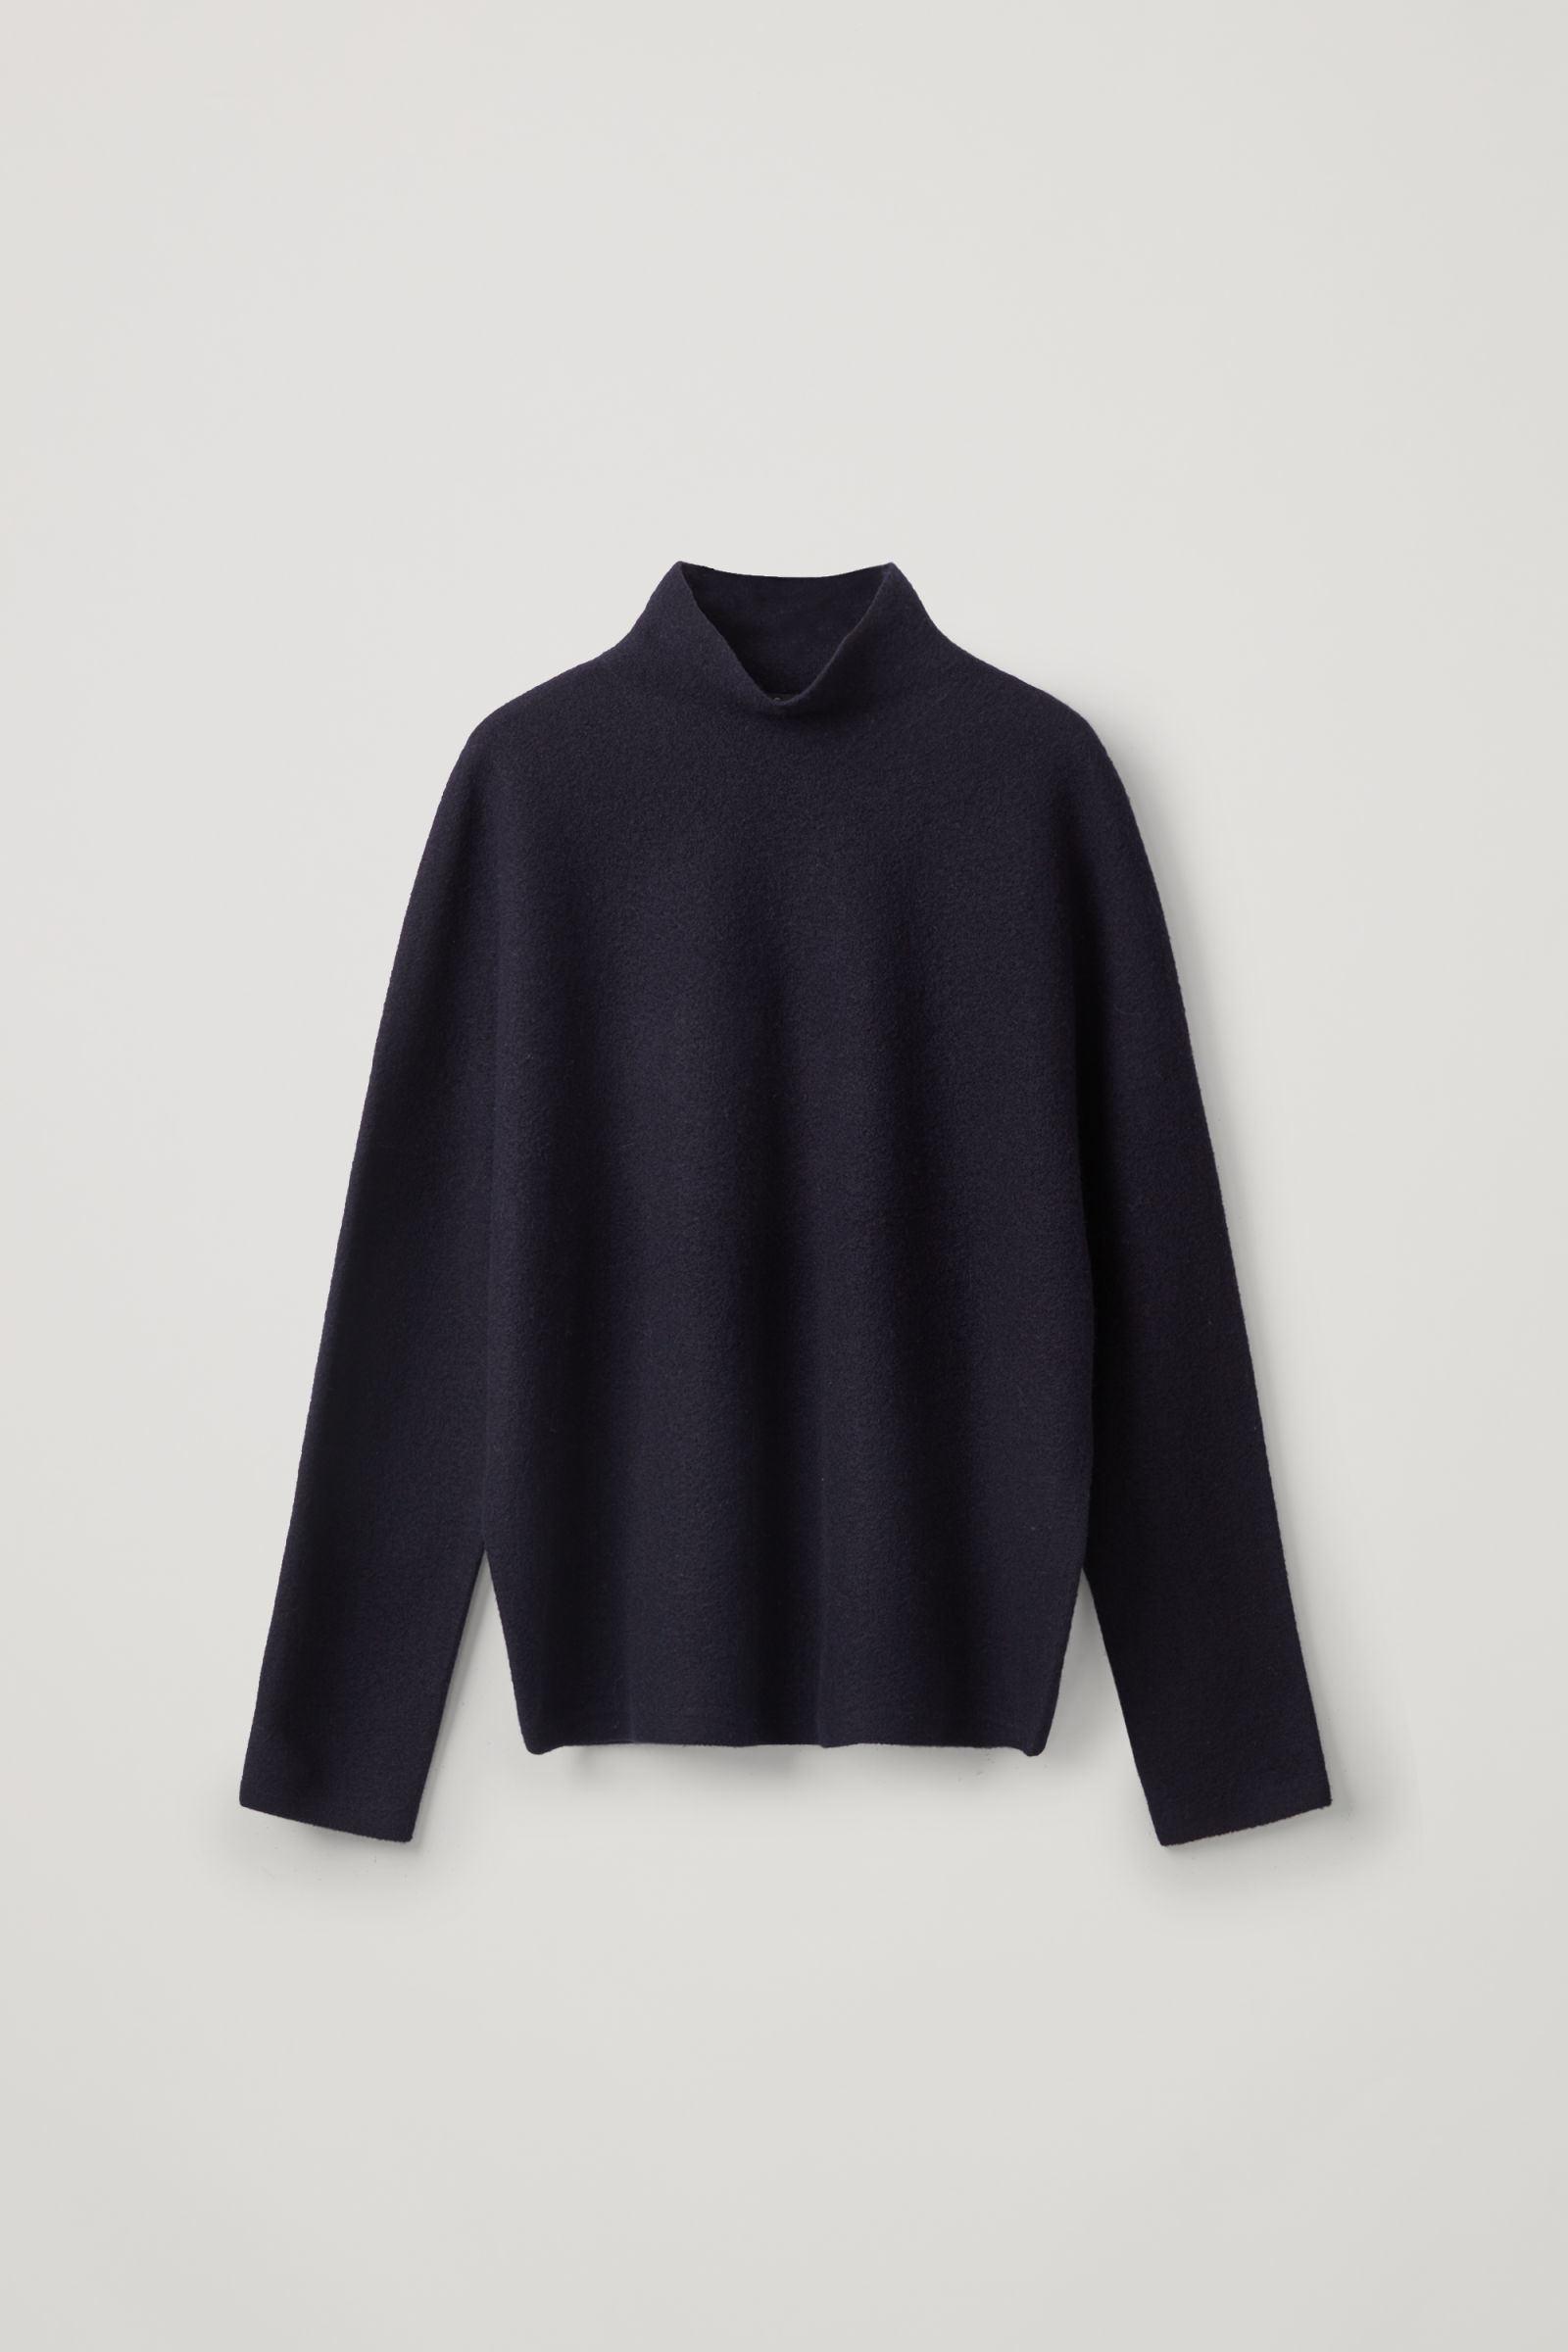 COS 보일드 울 심리스 스웨터의 미드나이트 블루컬러 Product입니다.